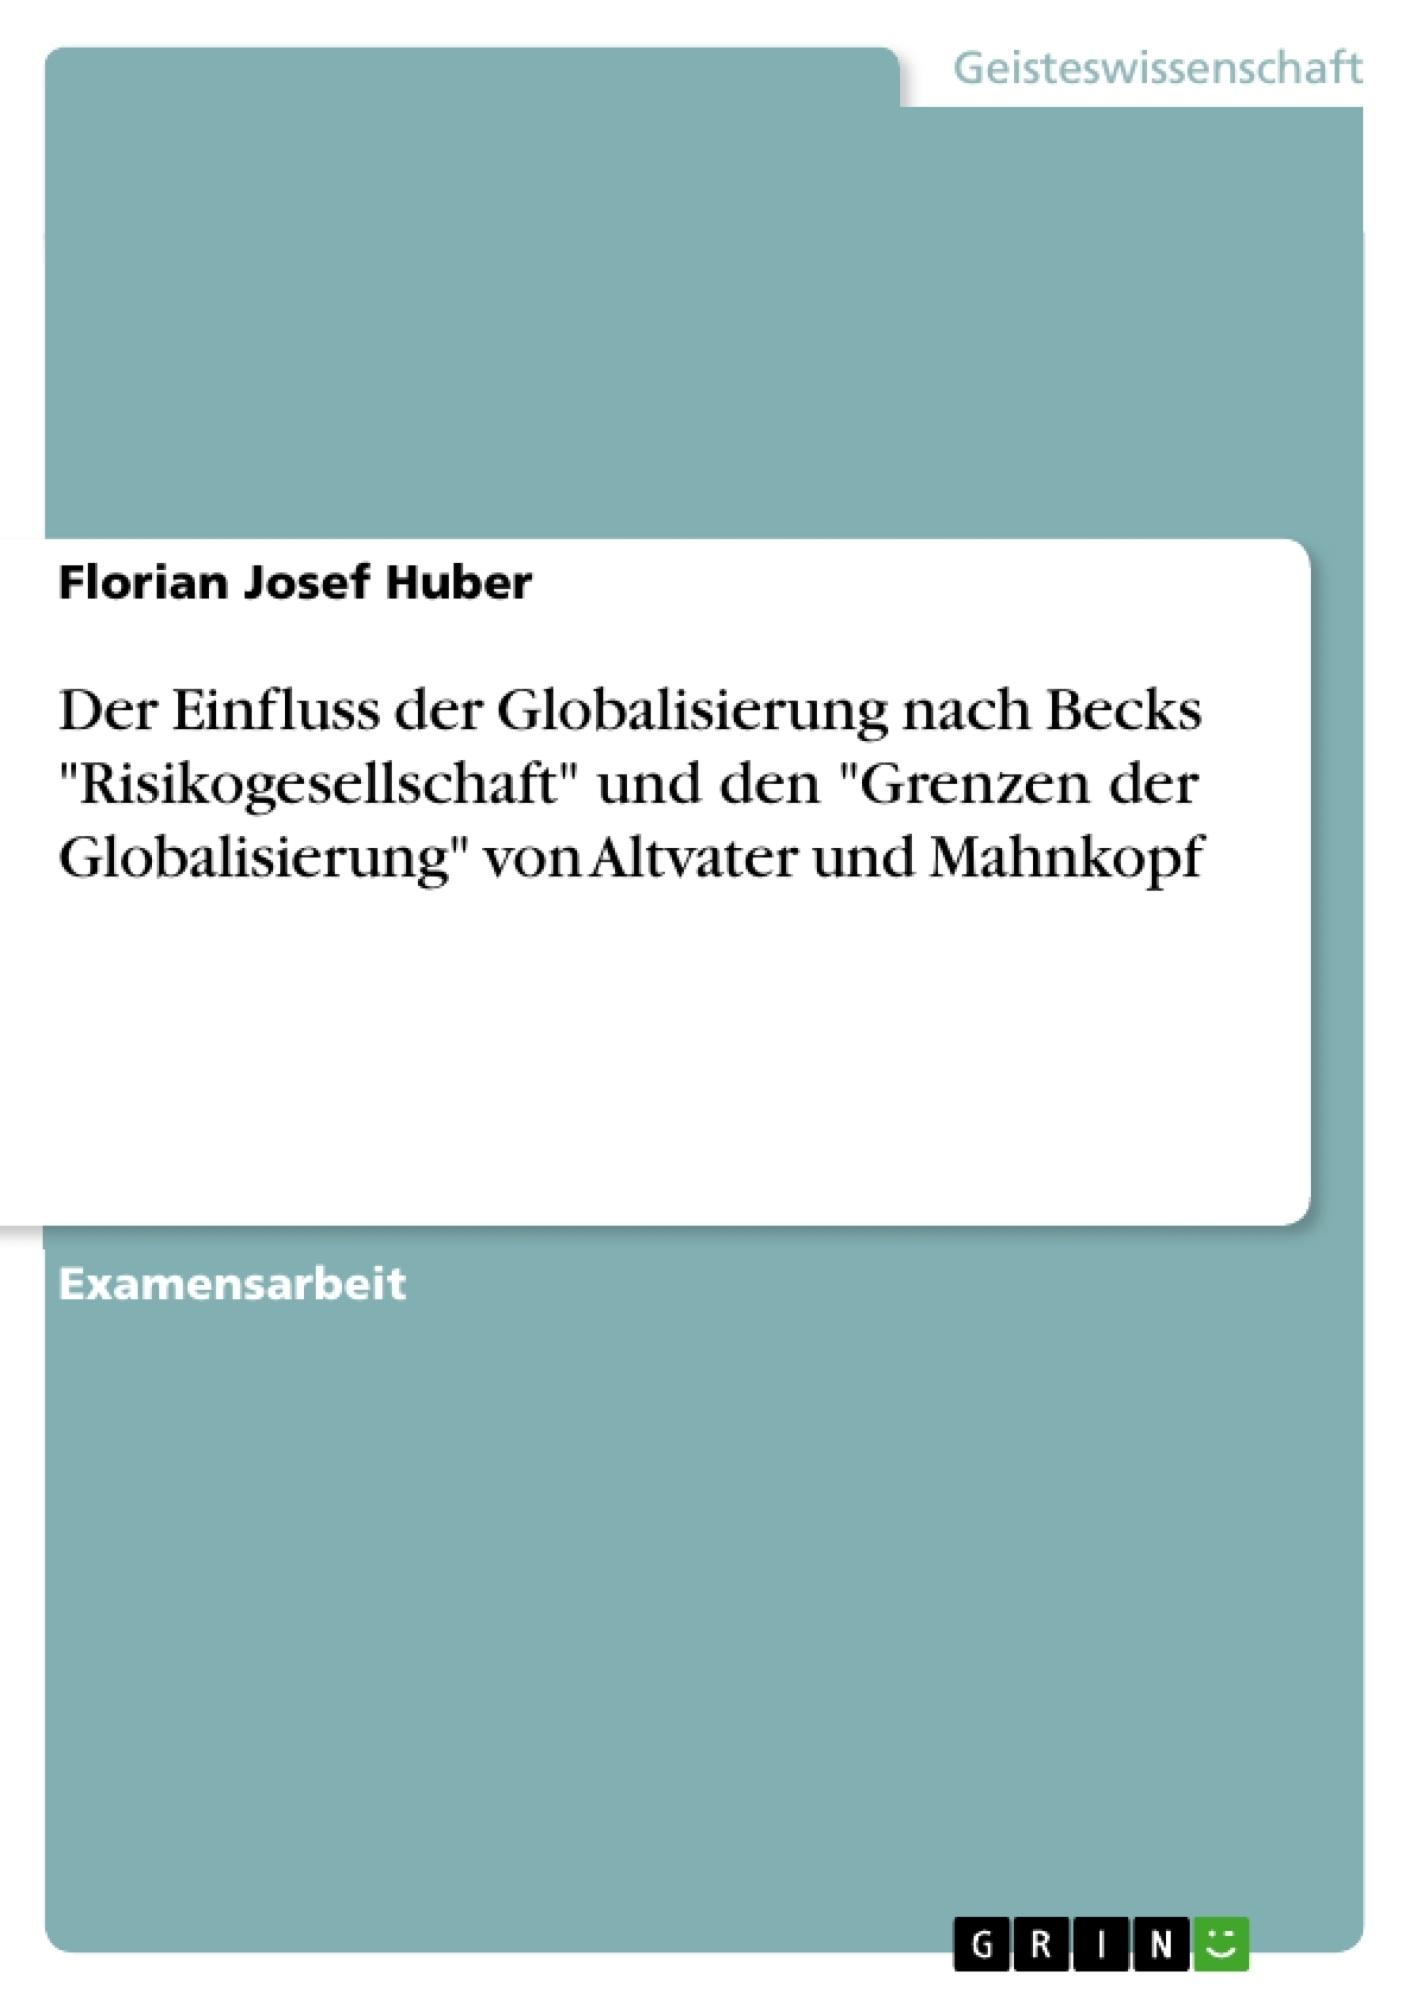 """Titel: Der Einfluss der Globalisierung nach Becks """"Risikogesellschaft"""" und den """"Grenzen der Globalisierung"""" von Altvater und Mahnkopf"""